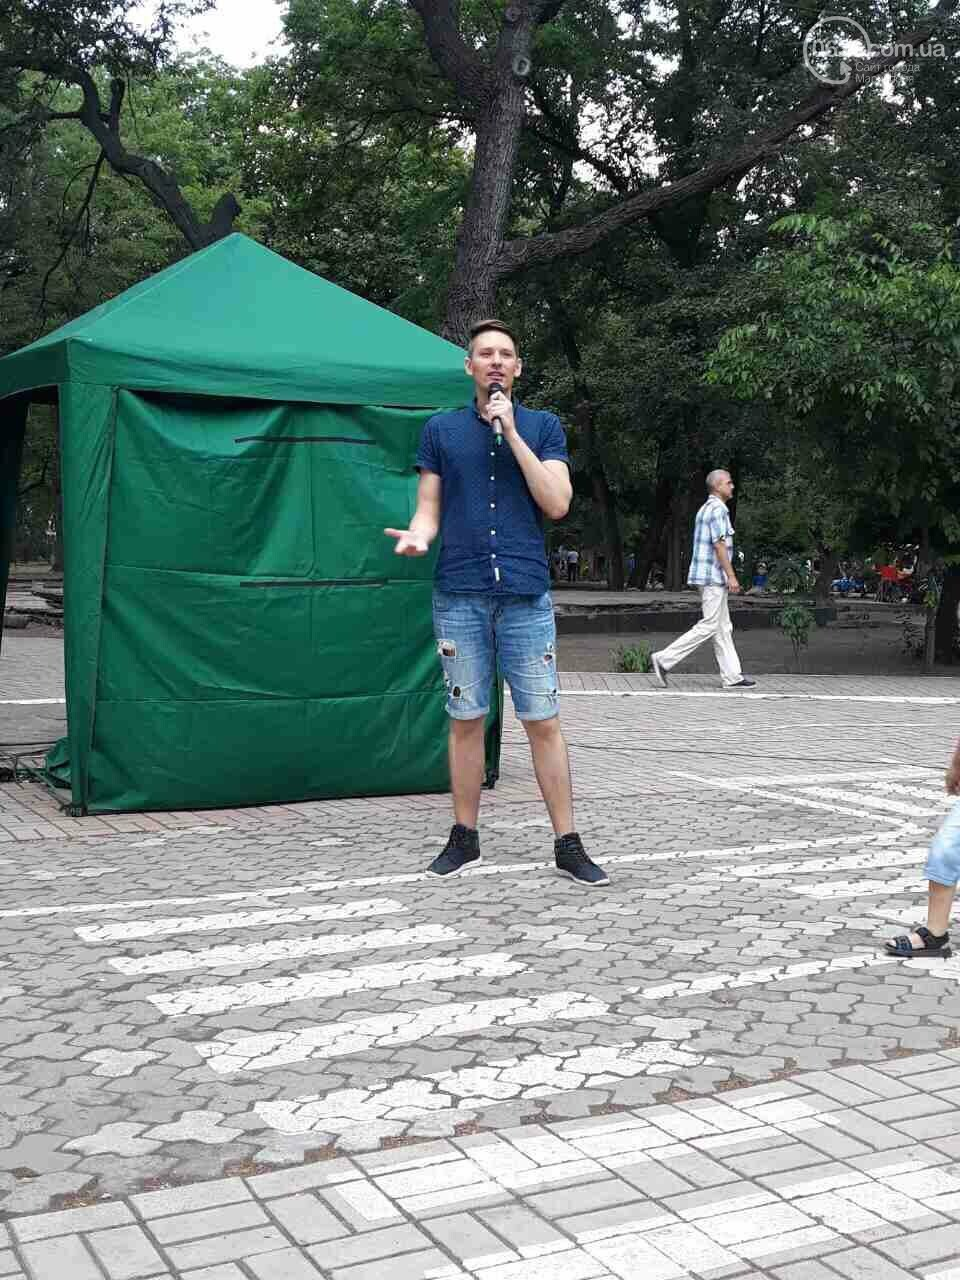 Сделали погромче! В Мариуполе  с размахом отпраздновали День молодежи, - ФОТО, ВИДЕО, фото-1